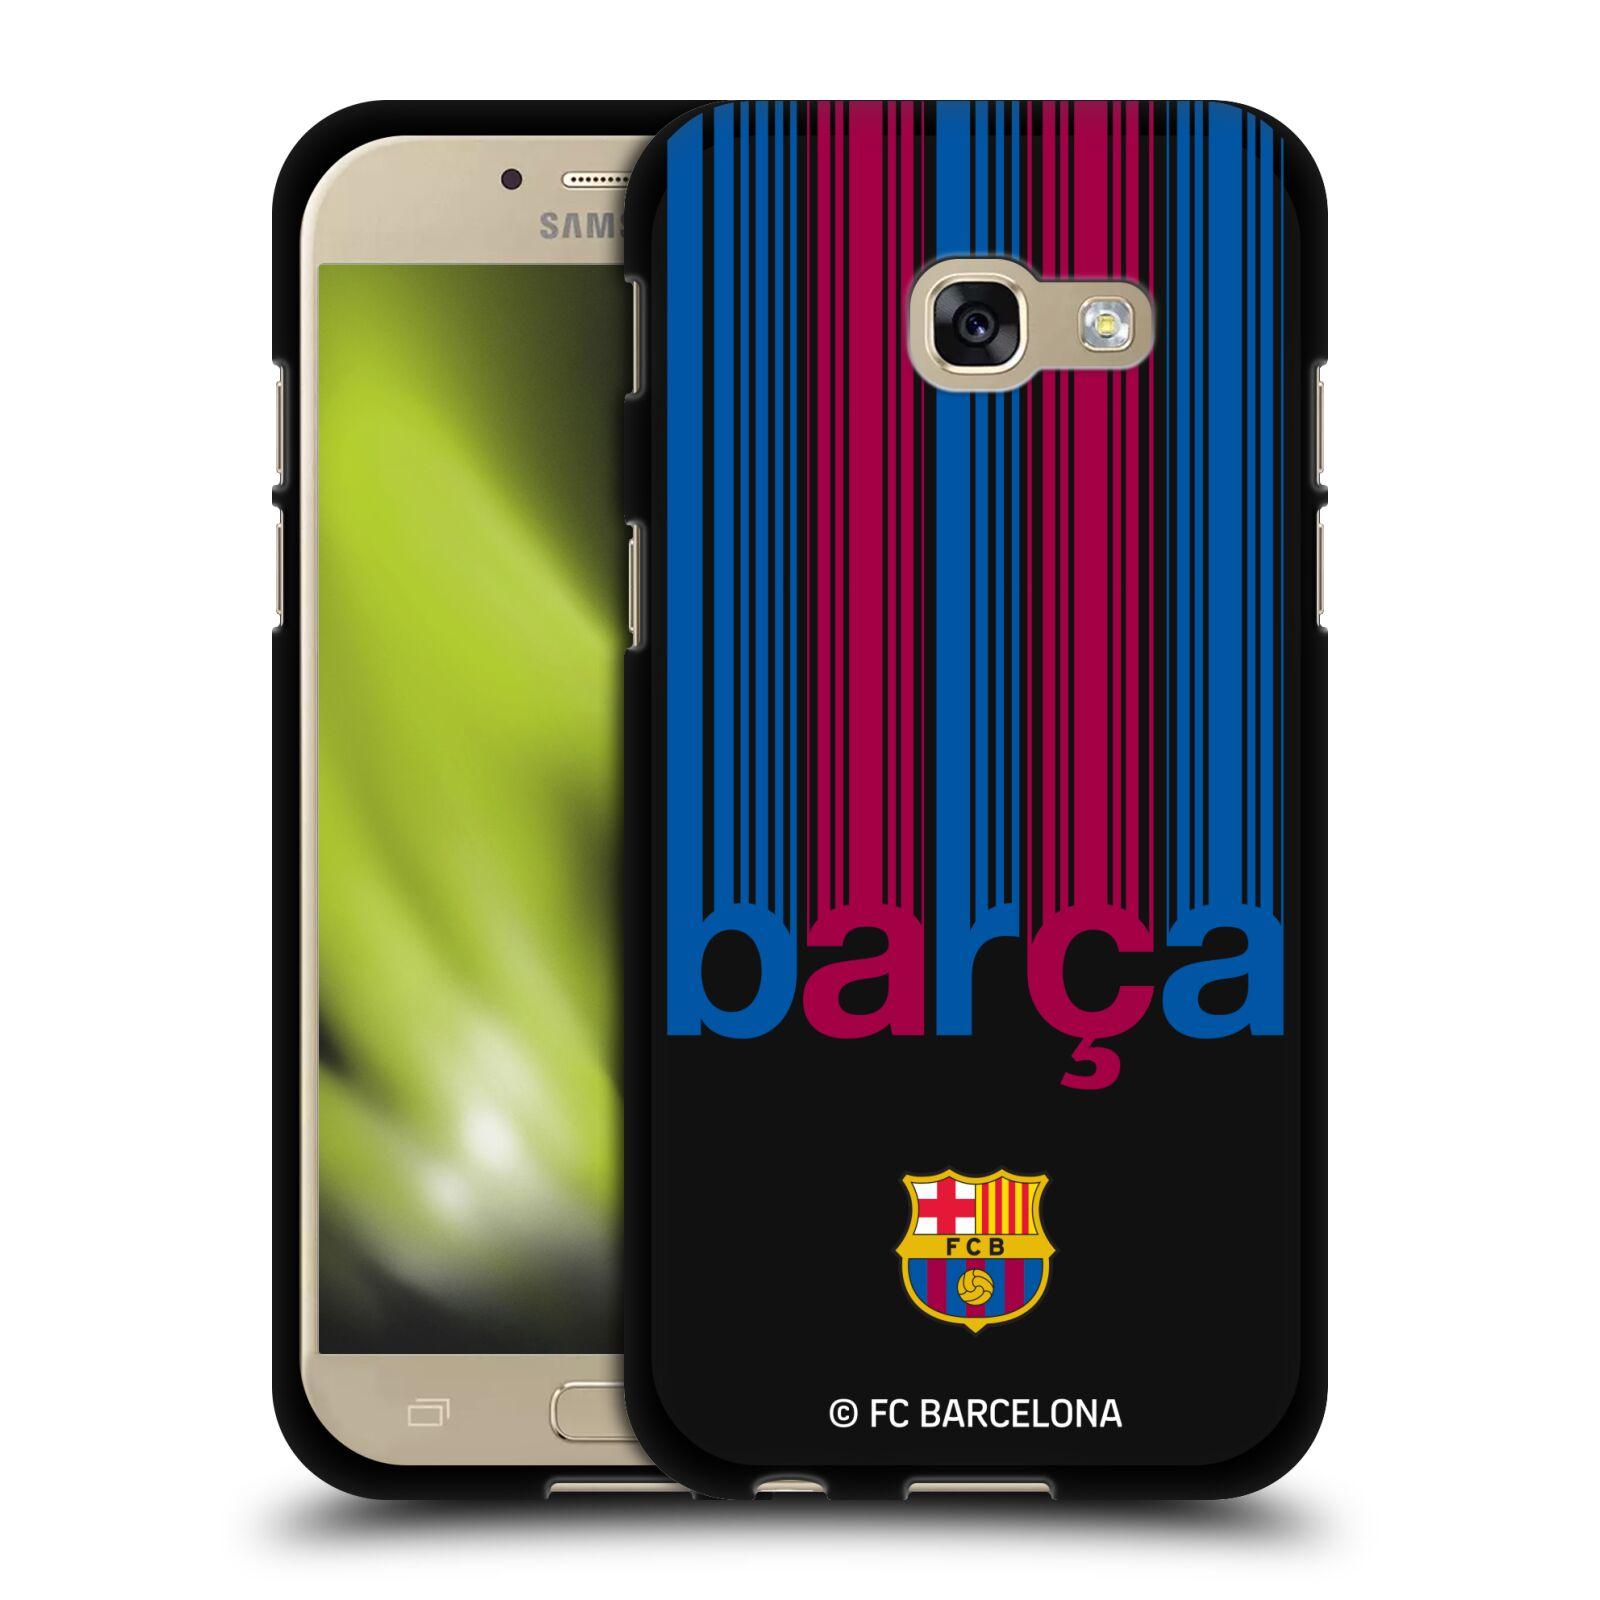 OFFICIAL-FC-BARCELONA-2017-18-CAMPIONS-BLACK-SOFT-GEL-CASE-FOR-SAMSUNG-PHONES-2